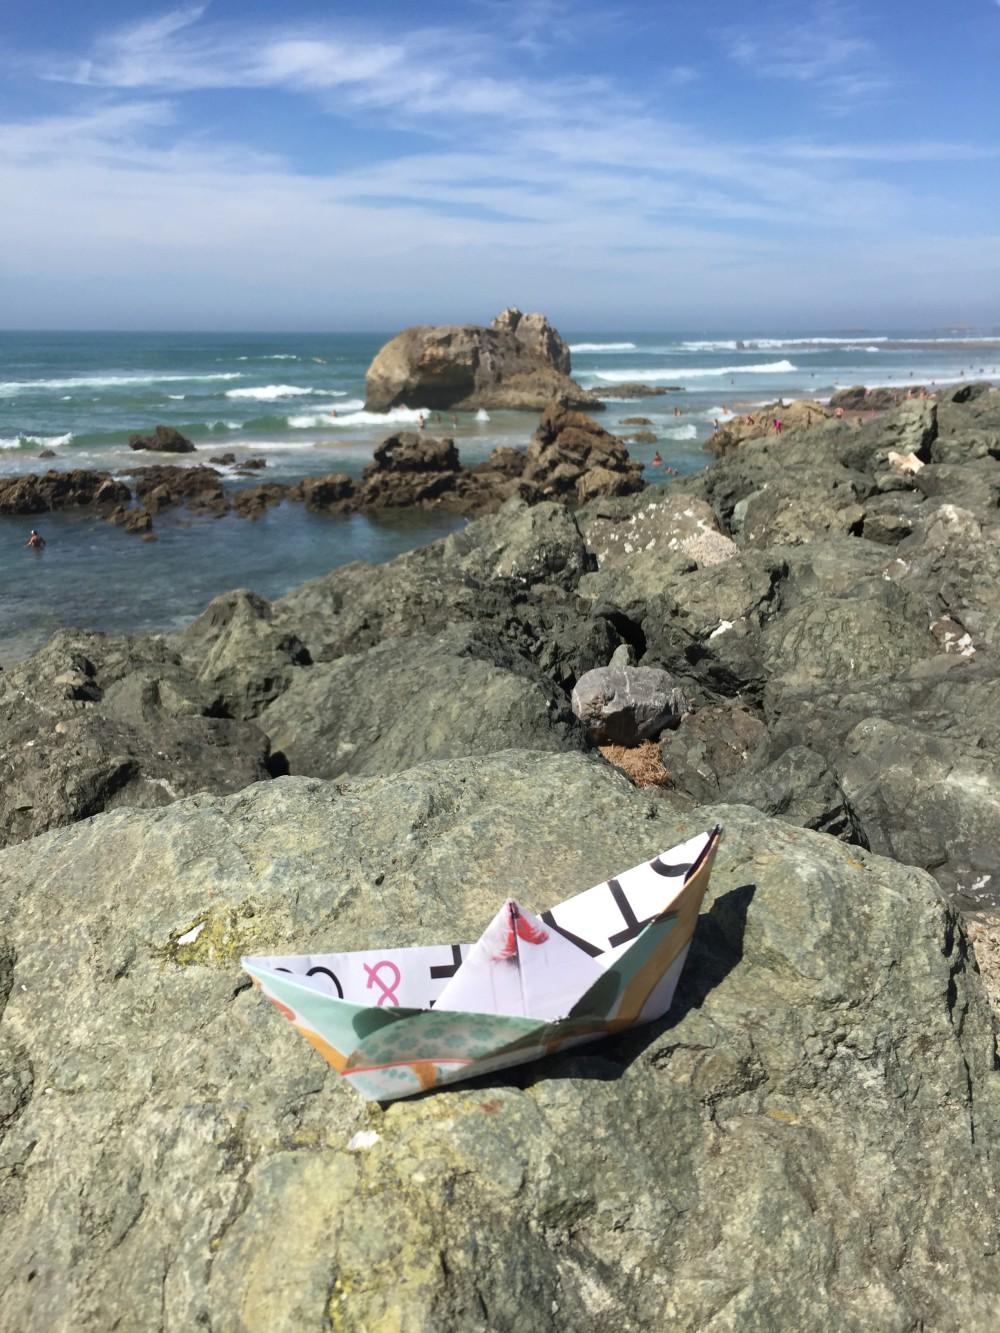 Photographie prise pendant les vacances au mois d'Aout 2016 à Biarritz dans le pays basque.